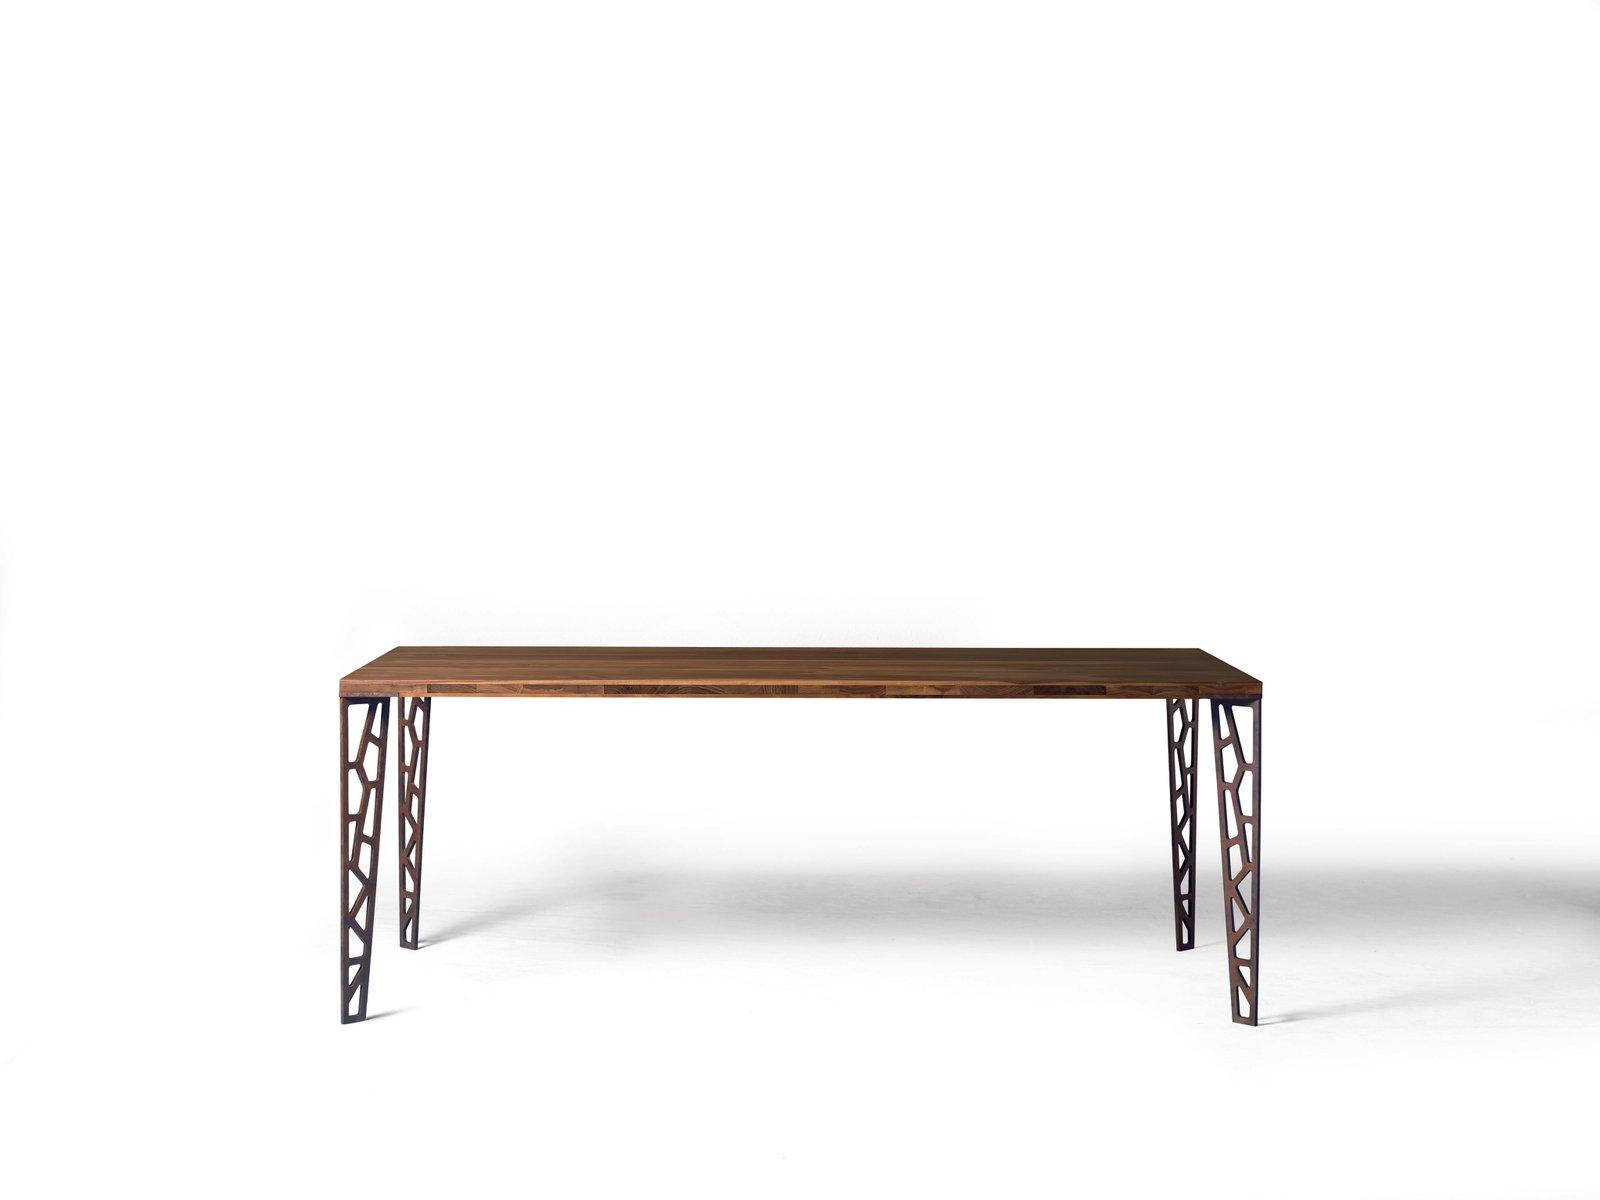 Tavolo Piccolo Con Ripiano In Legno Naturale Oliato E Gambe In Metallo Perforato Di Dale Italia In Vendita Su Pamono